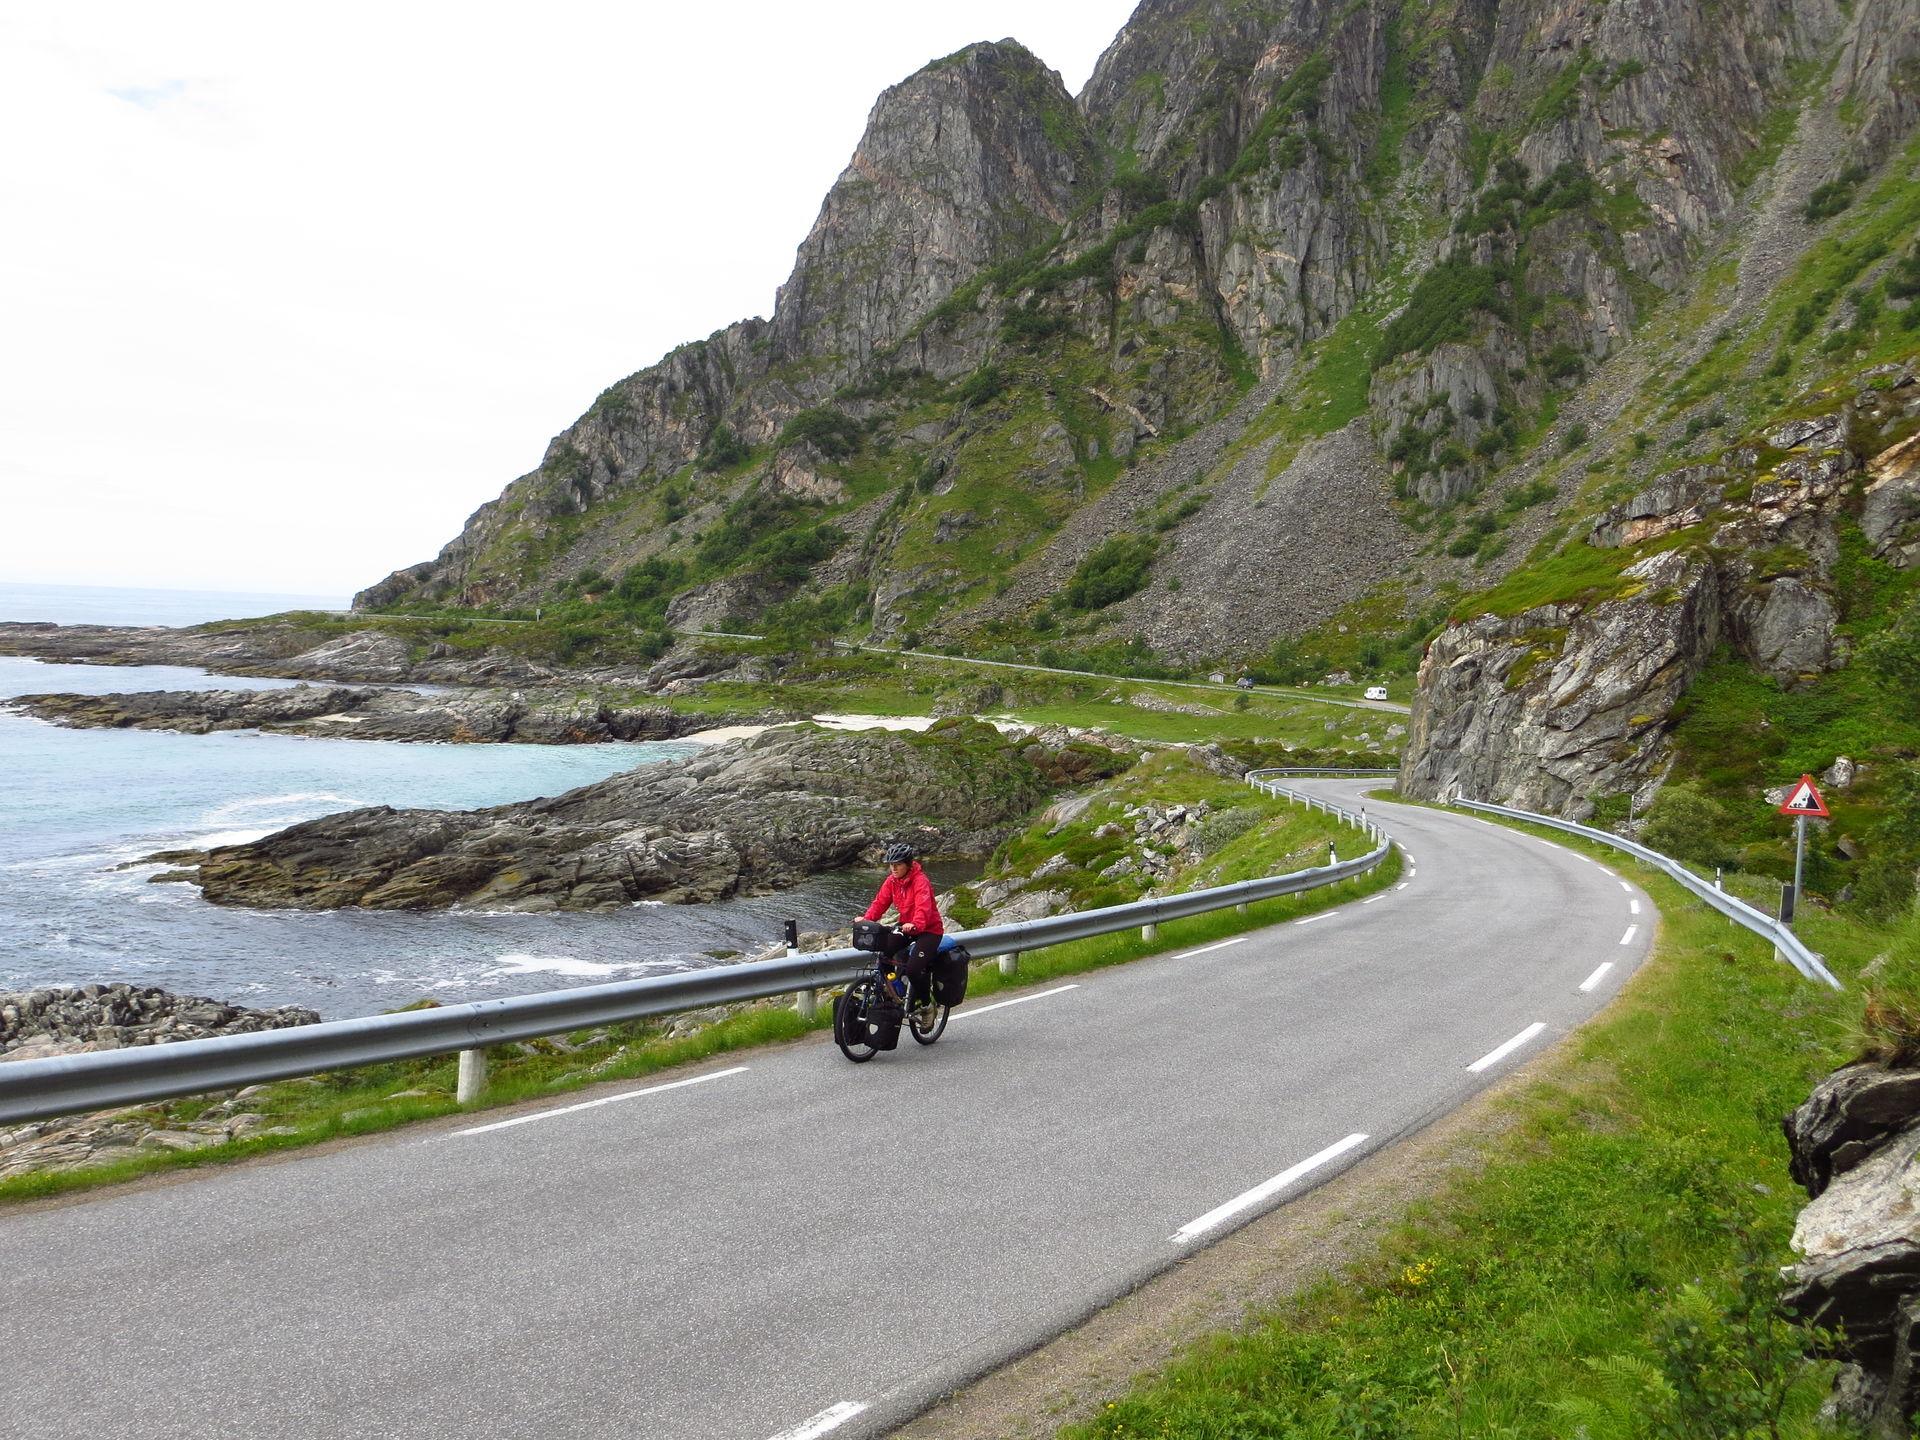 Veiene slynger seg langs ytterkysten av Andøya © Øyvind Wold